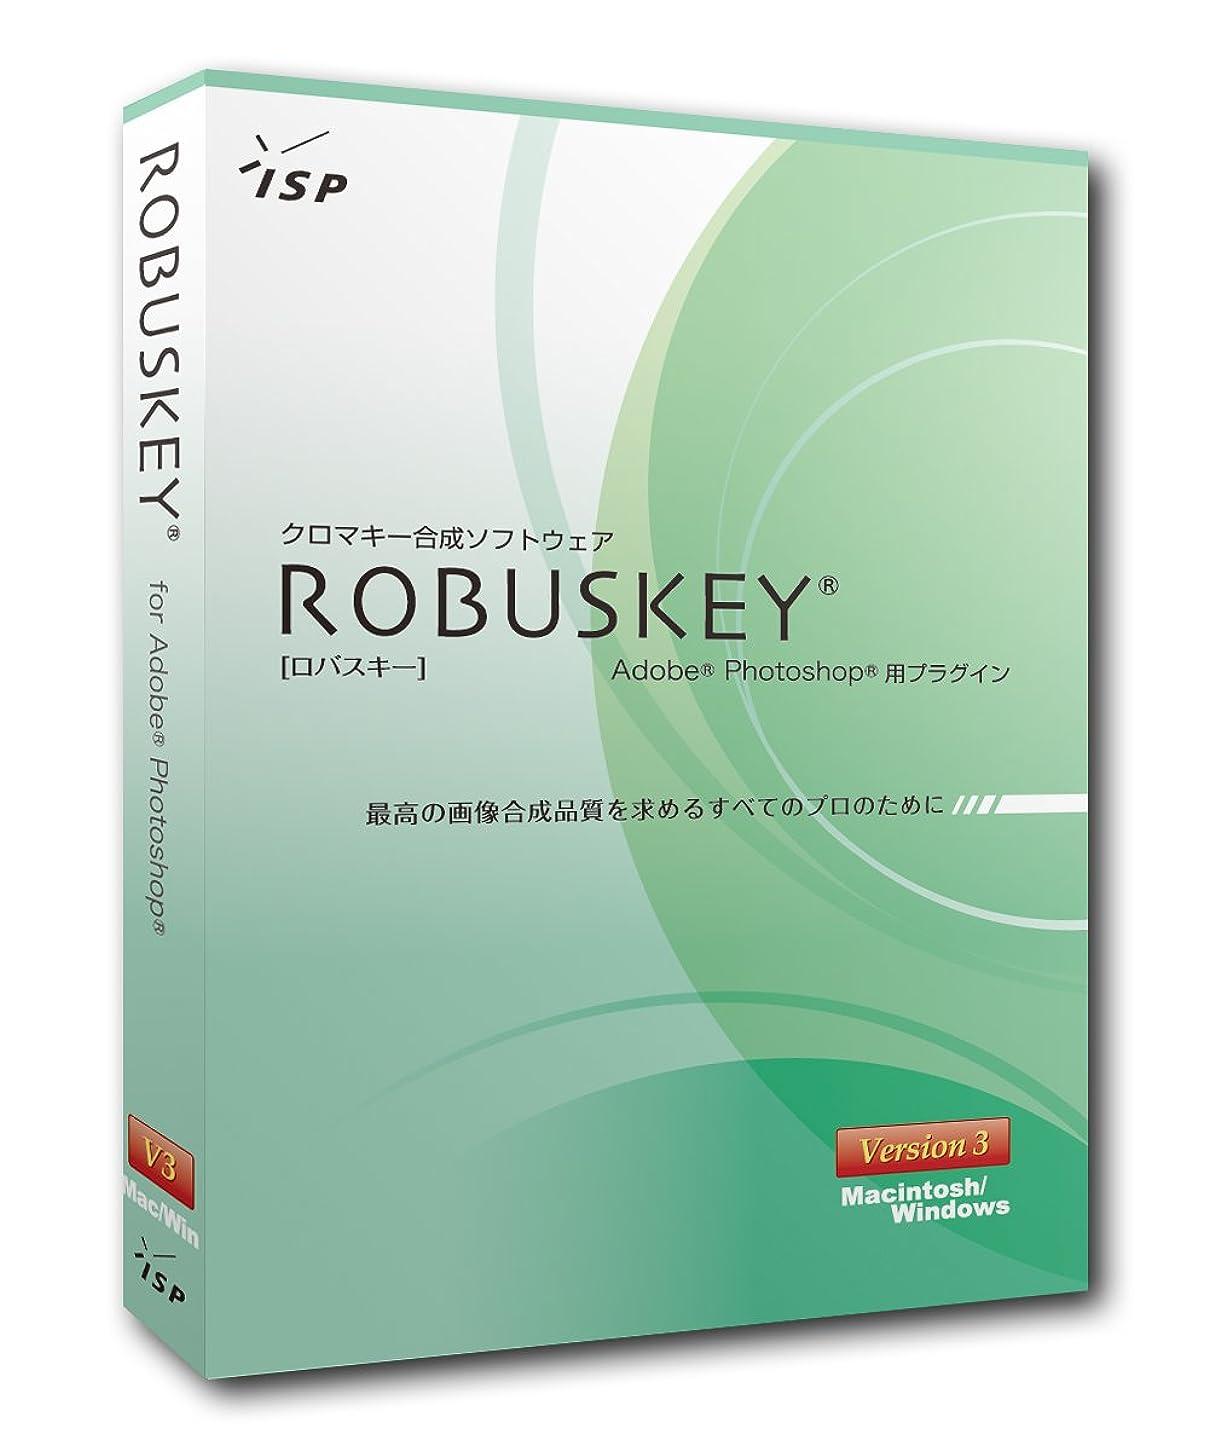 チャット感謝するただROBUSKEY for Adobe Photoshop Version 3.2 Macintosh/Windows版